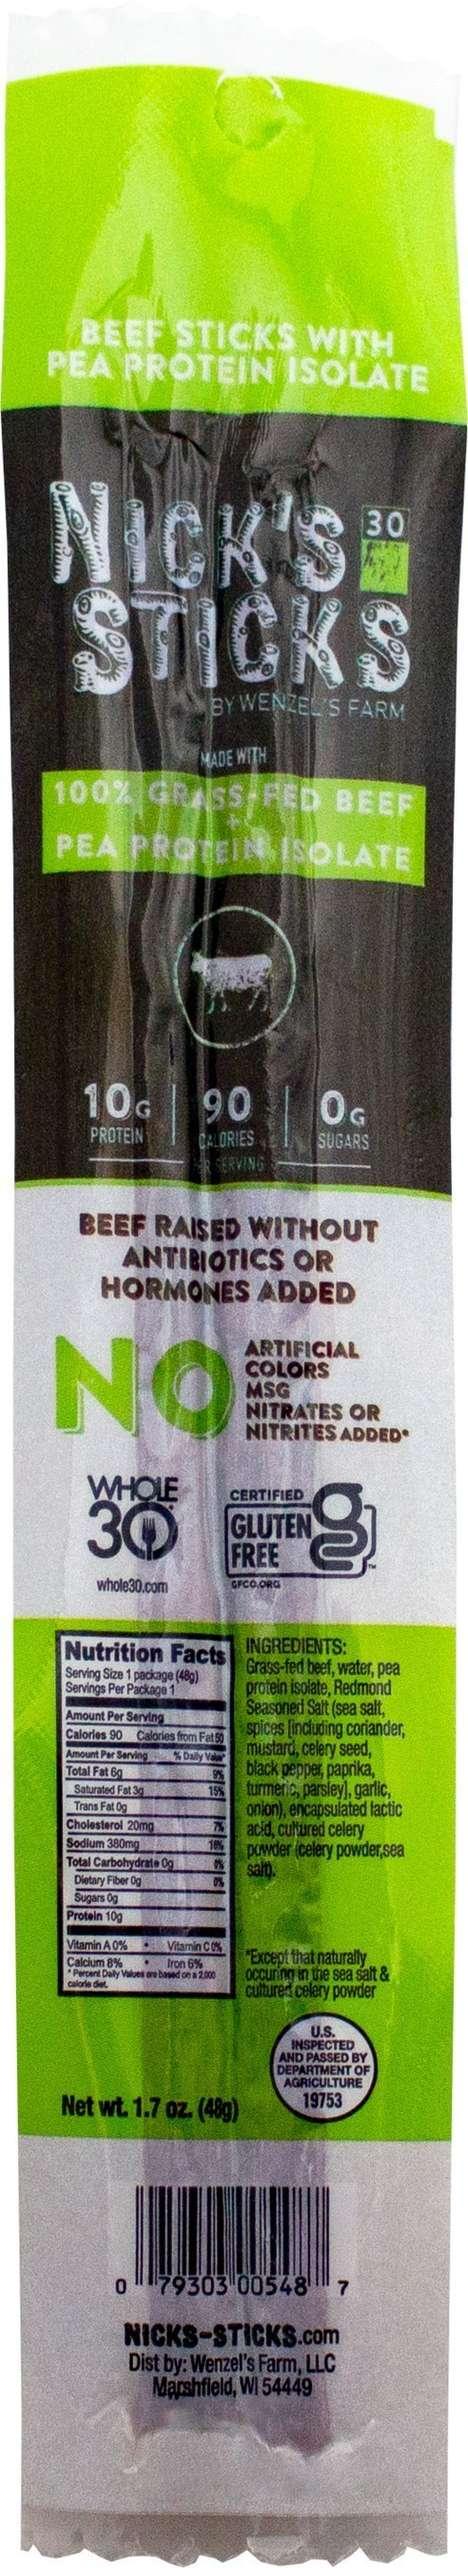 Hybrid Protein Beef Sticks